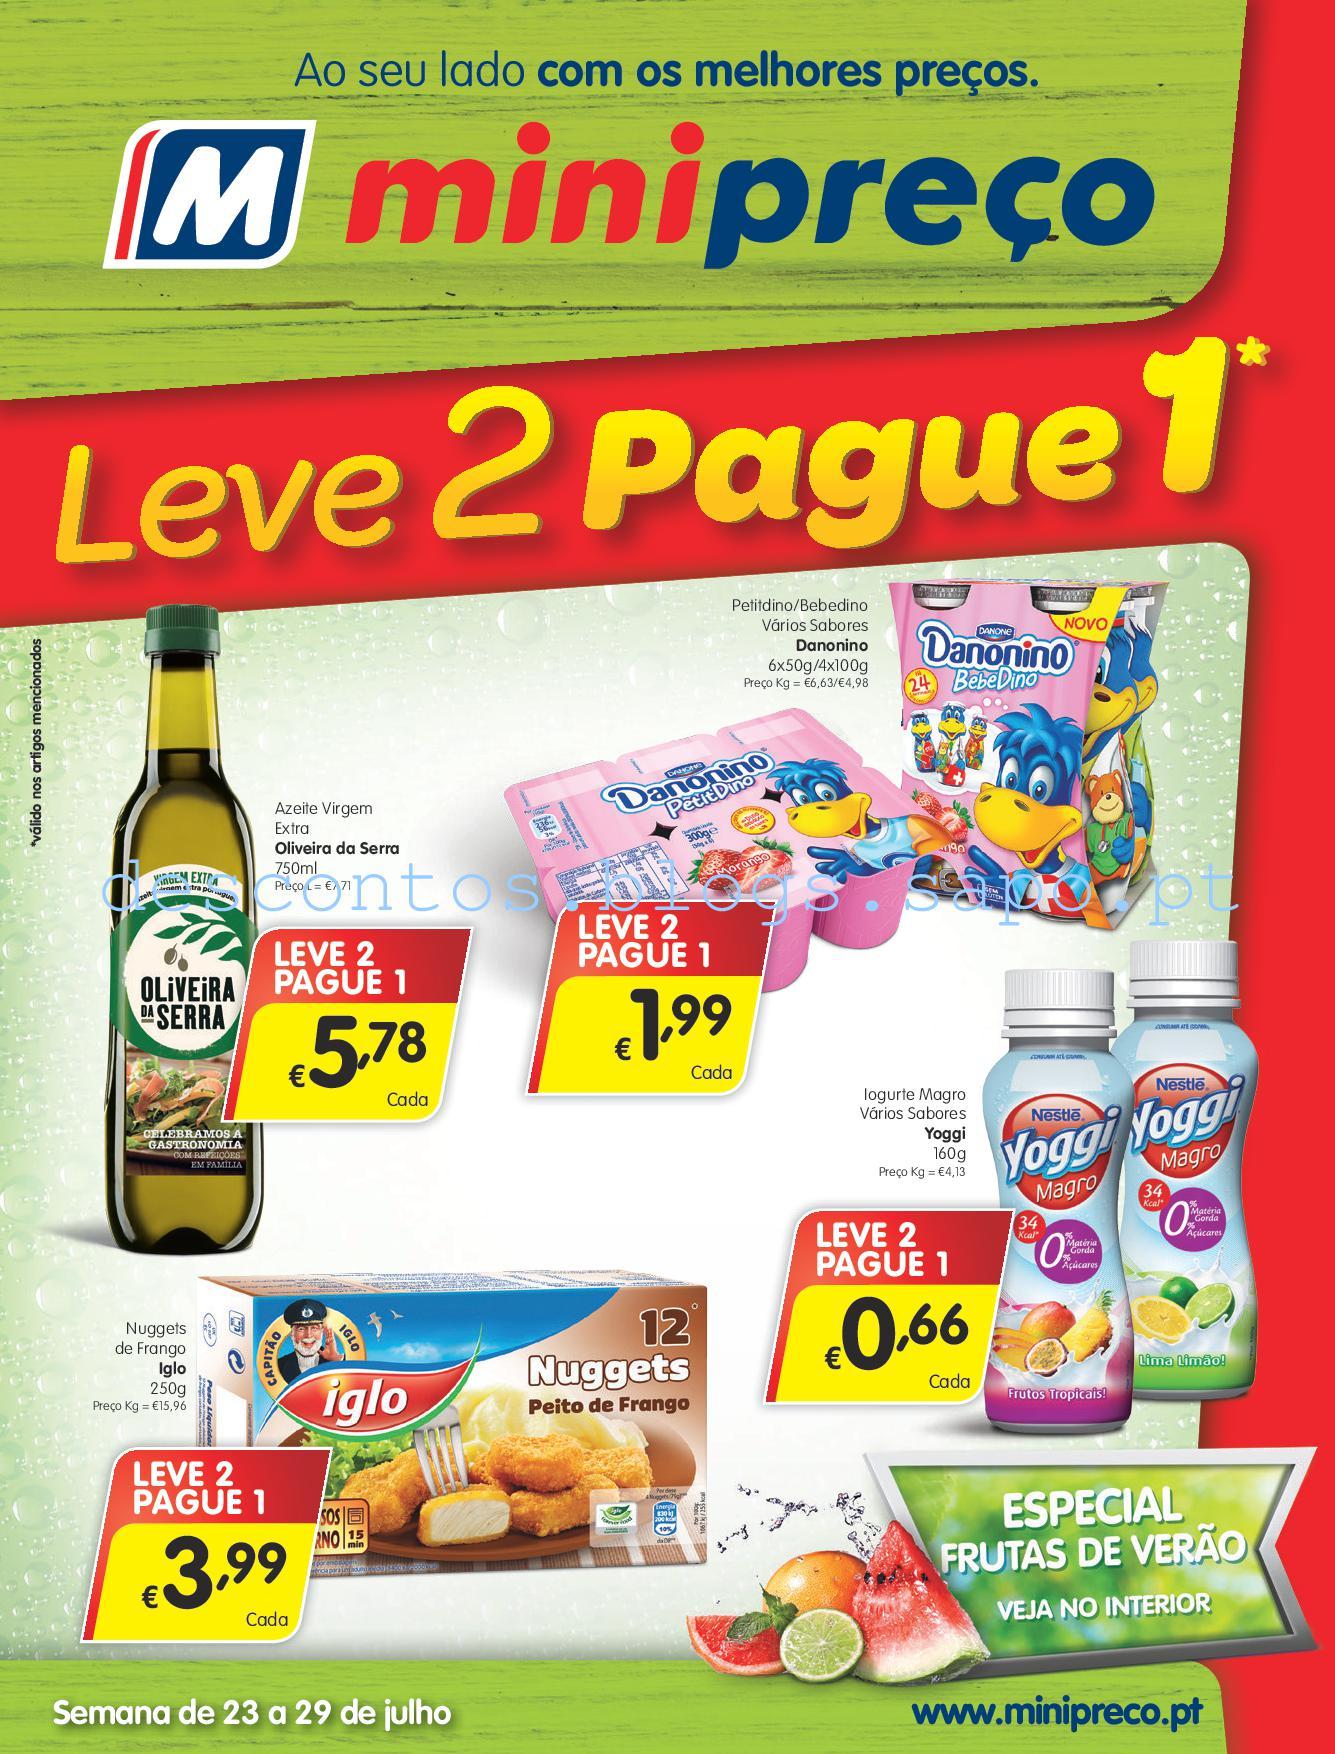 MINIPREÇO_FOLHETO_23-29JulhO_v2-001.jpg